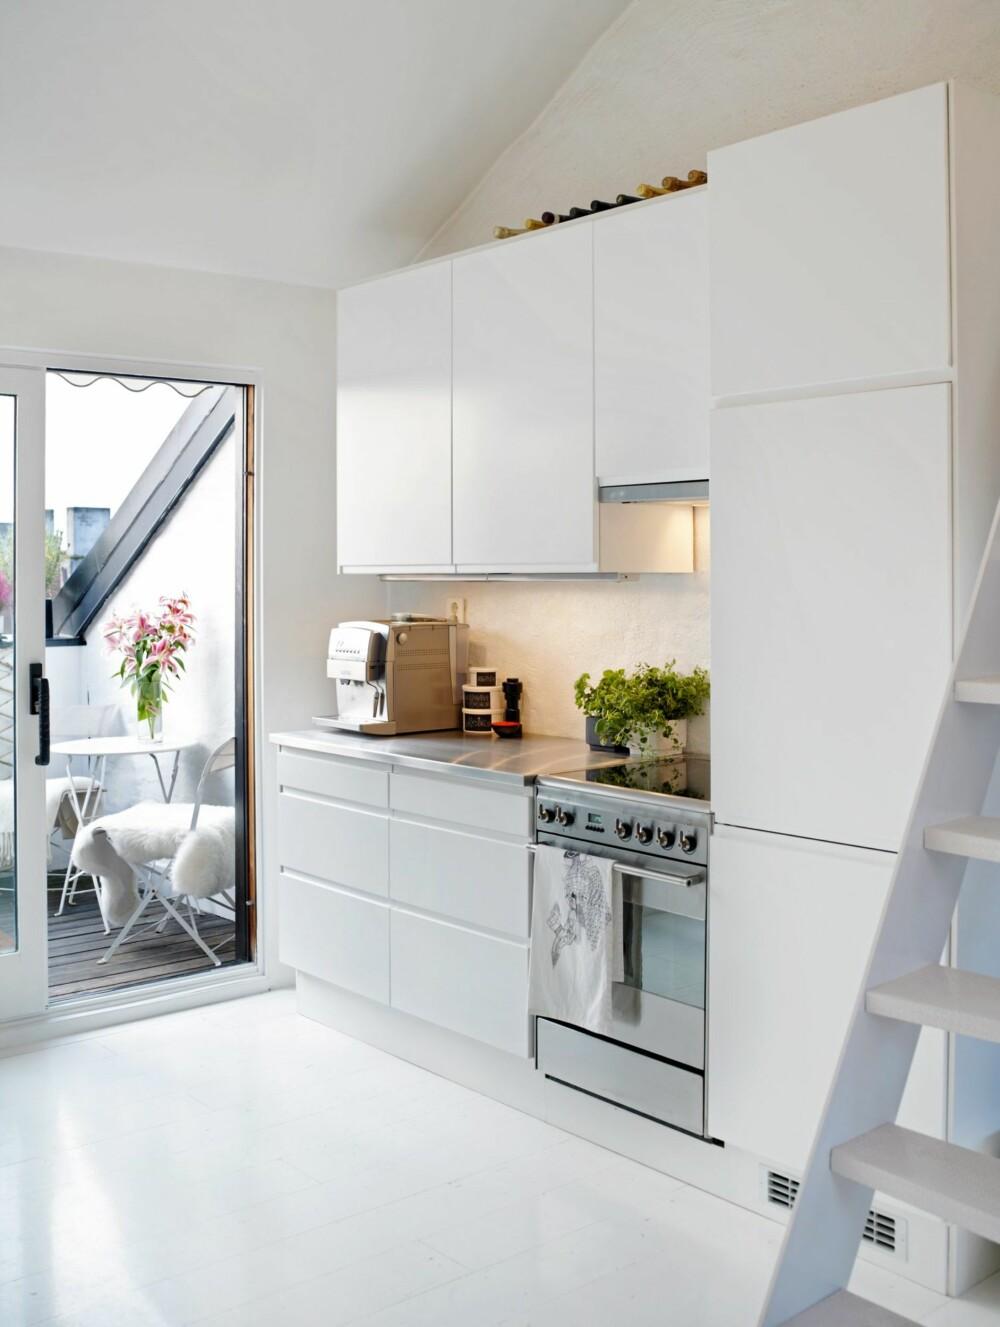 UTGANG TIL TAKTERRASSEN: Kjøkkenet fra Ikea og Kvik er plassert på hver sin vegg for ikke å sperre for utgangen mot terrassen som bidrar til å gjøre leiligheten mye større og lysere.